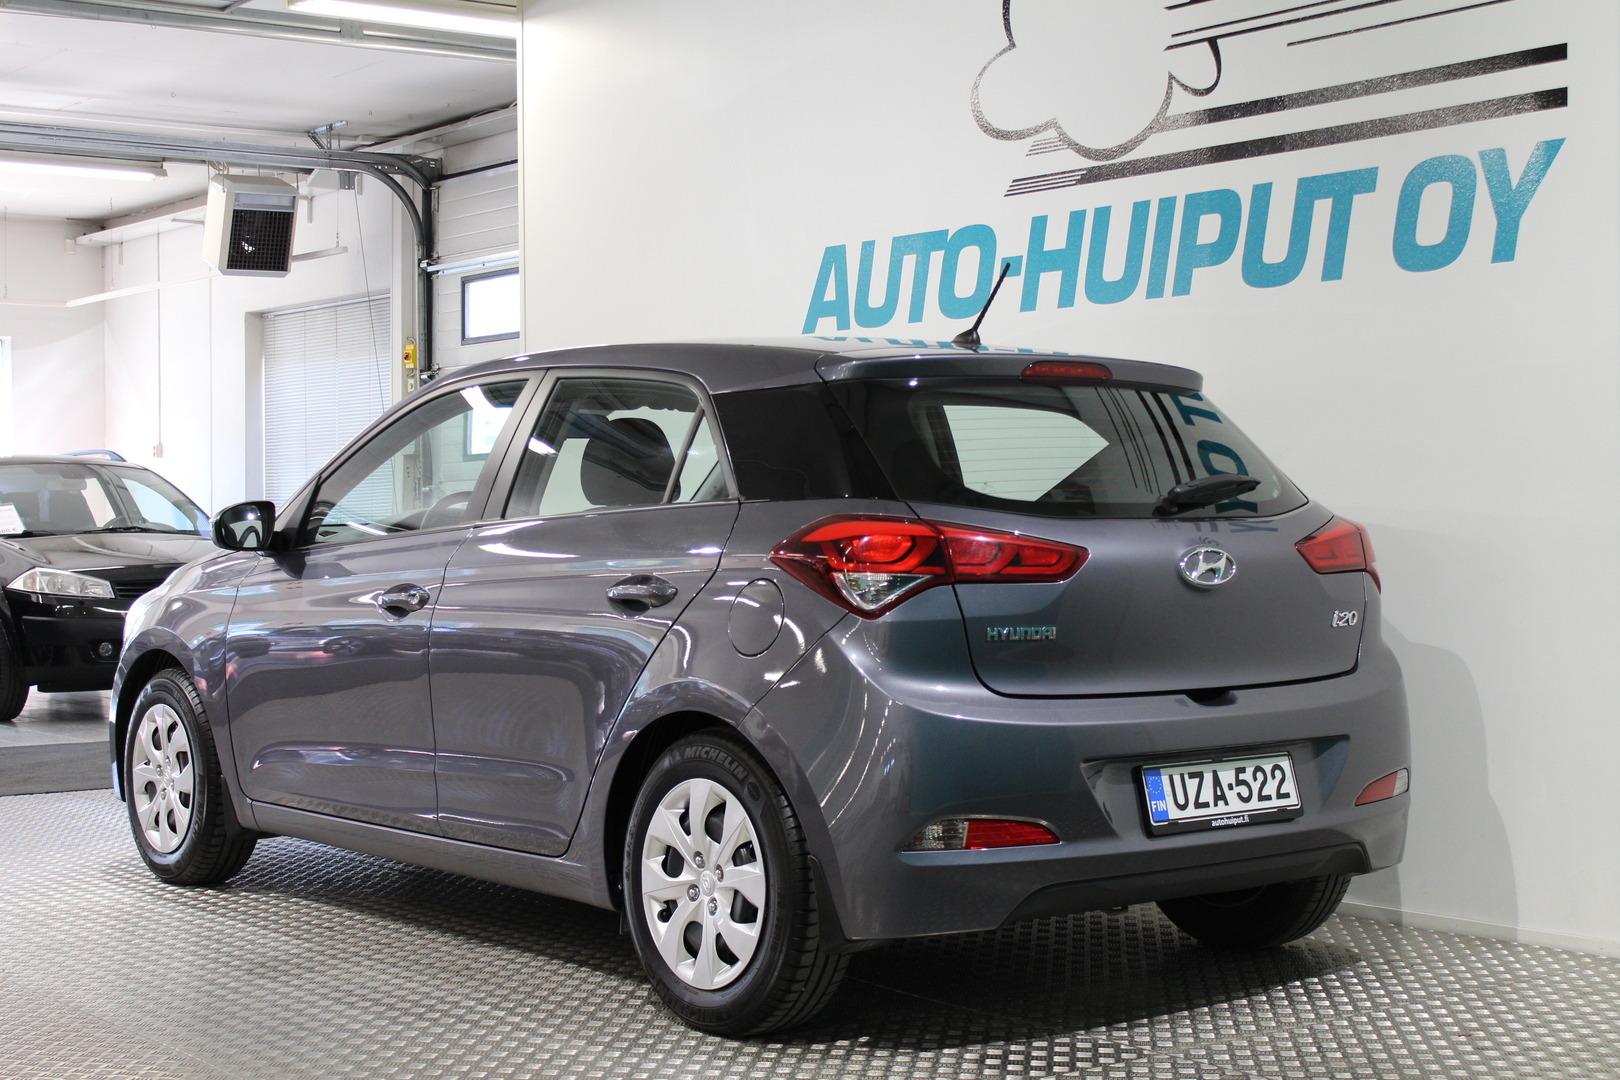 Hyundai i20 5d, 1,2 5MT Classic #Takuuvoimassa 10/ 2020 asti #Huippusiisti #Ratinlämmitin **Juuri tullut**